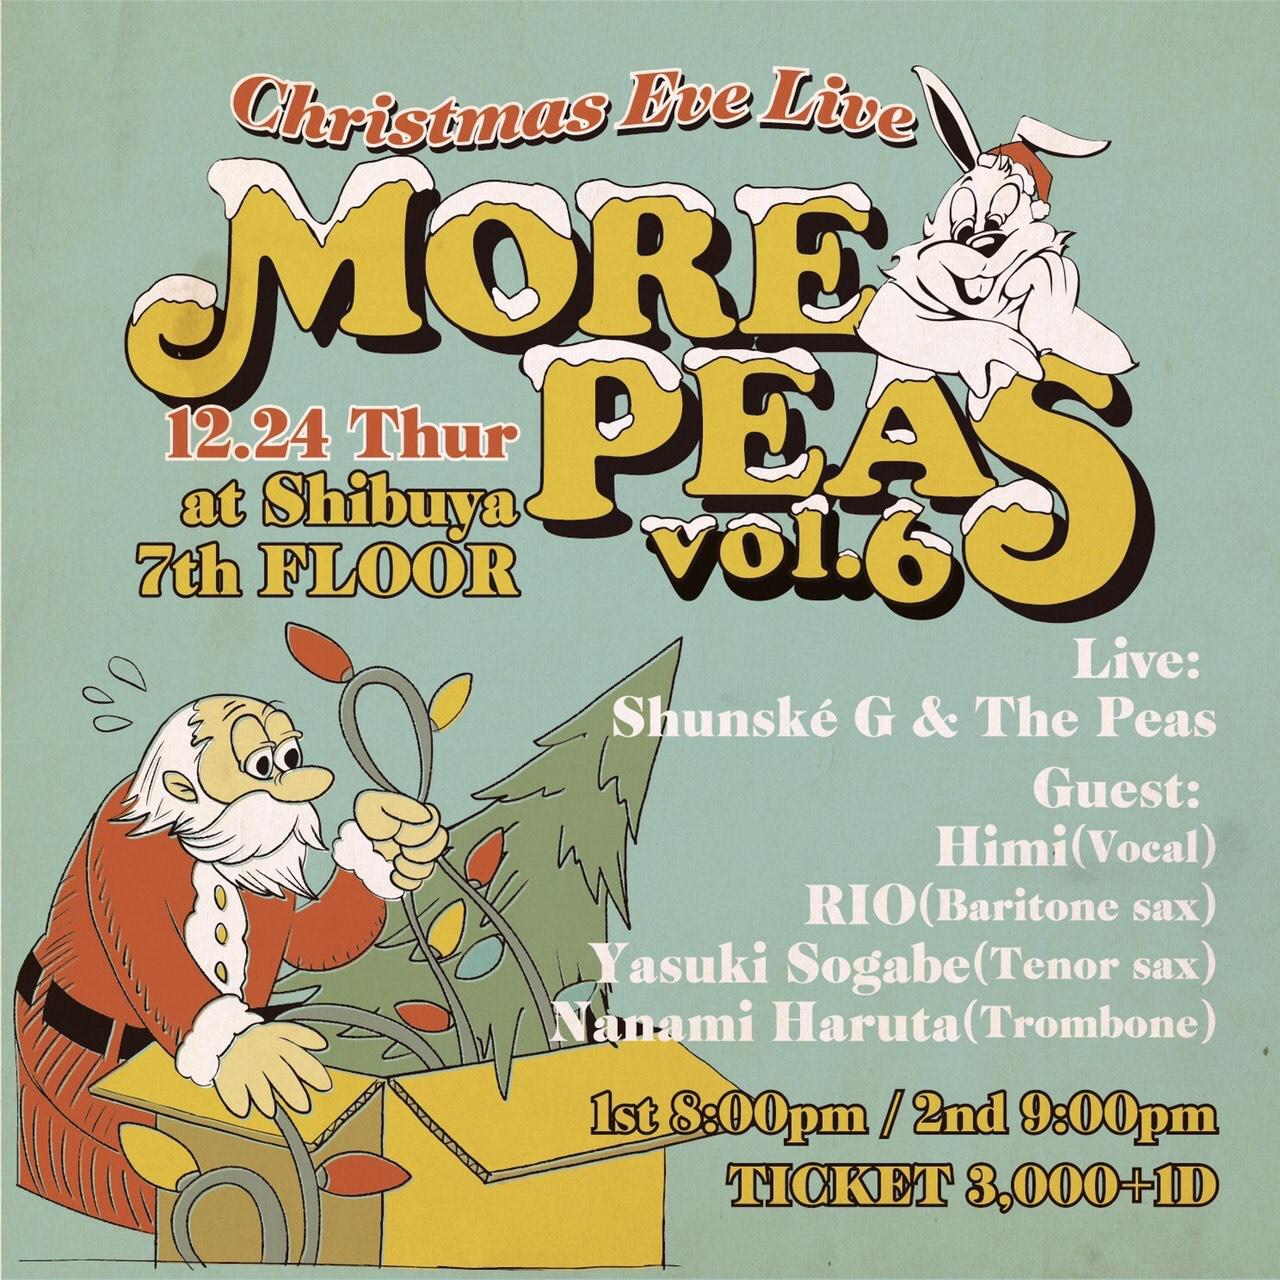 『MORE PEAS Vol.6 -Christmas Eve Live-』